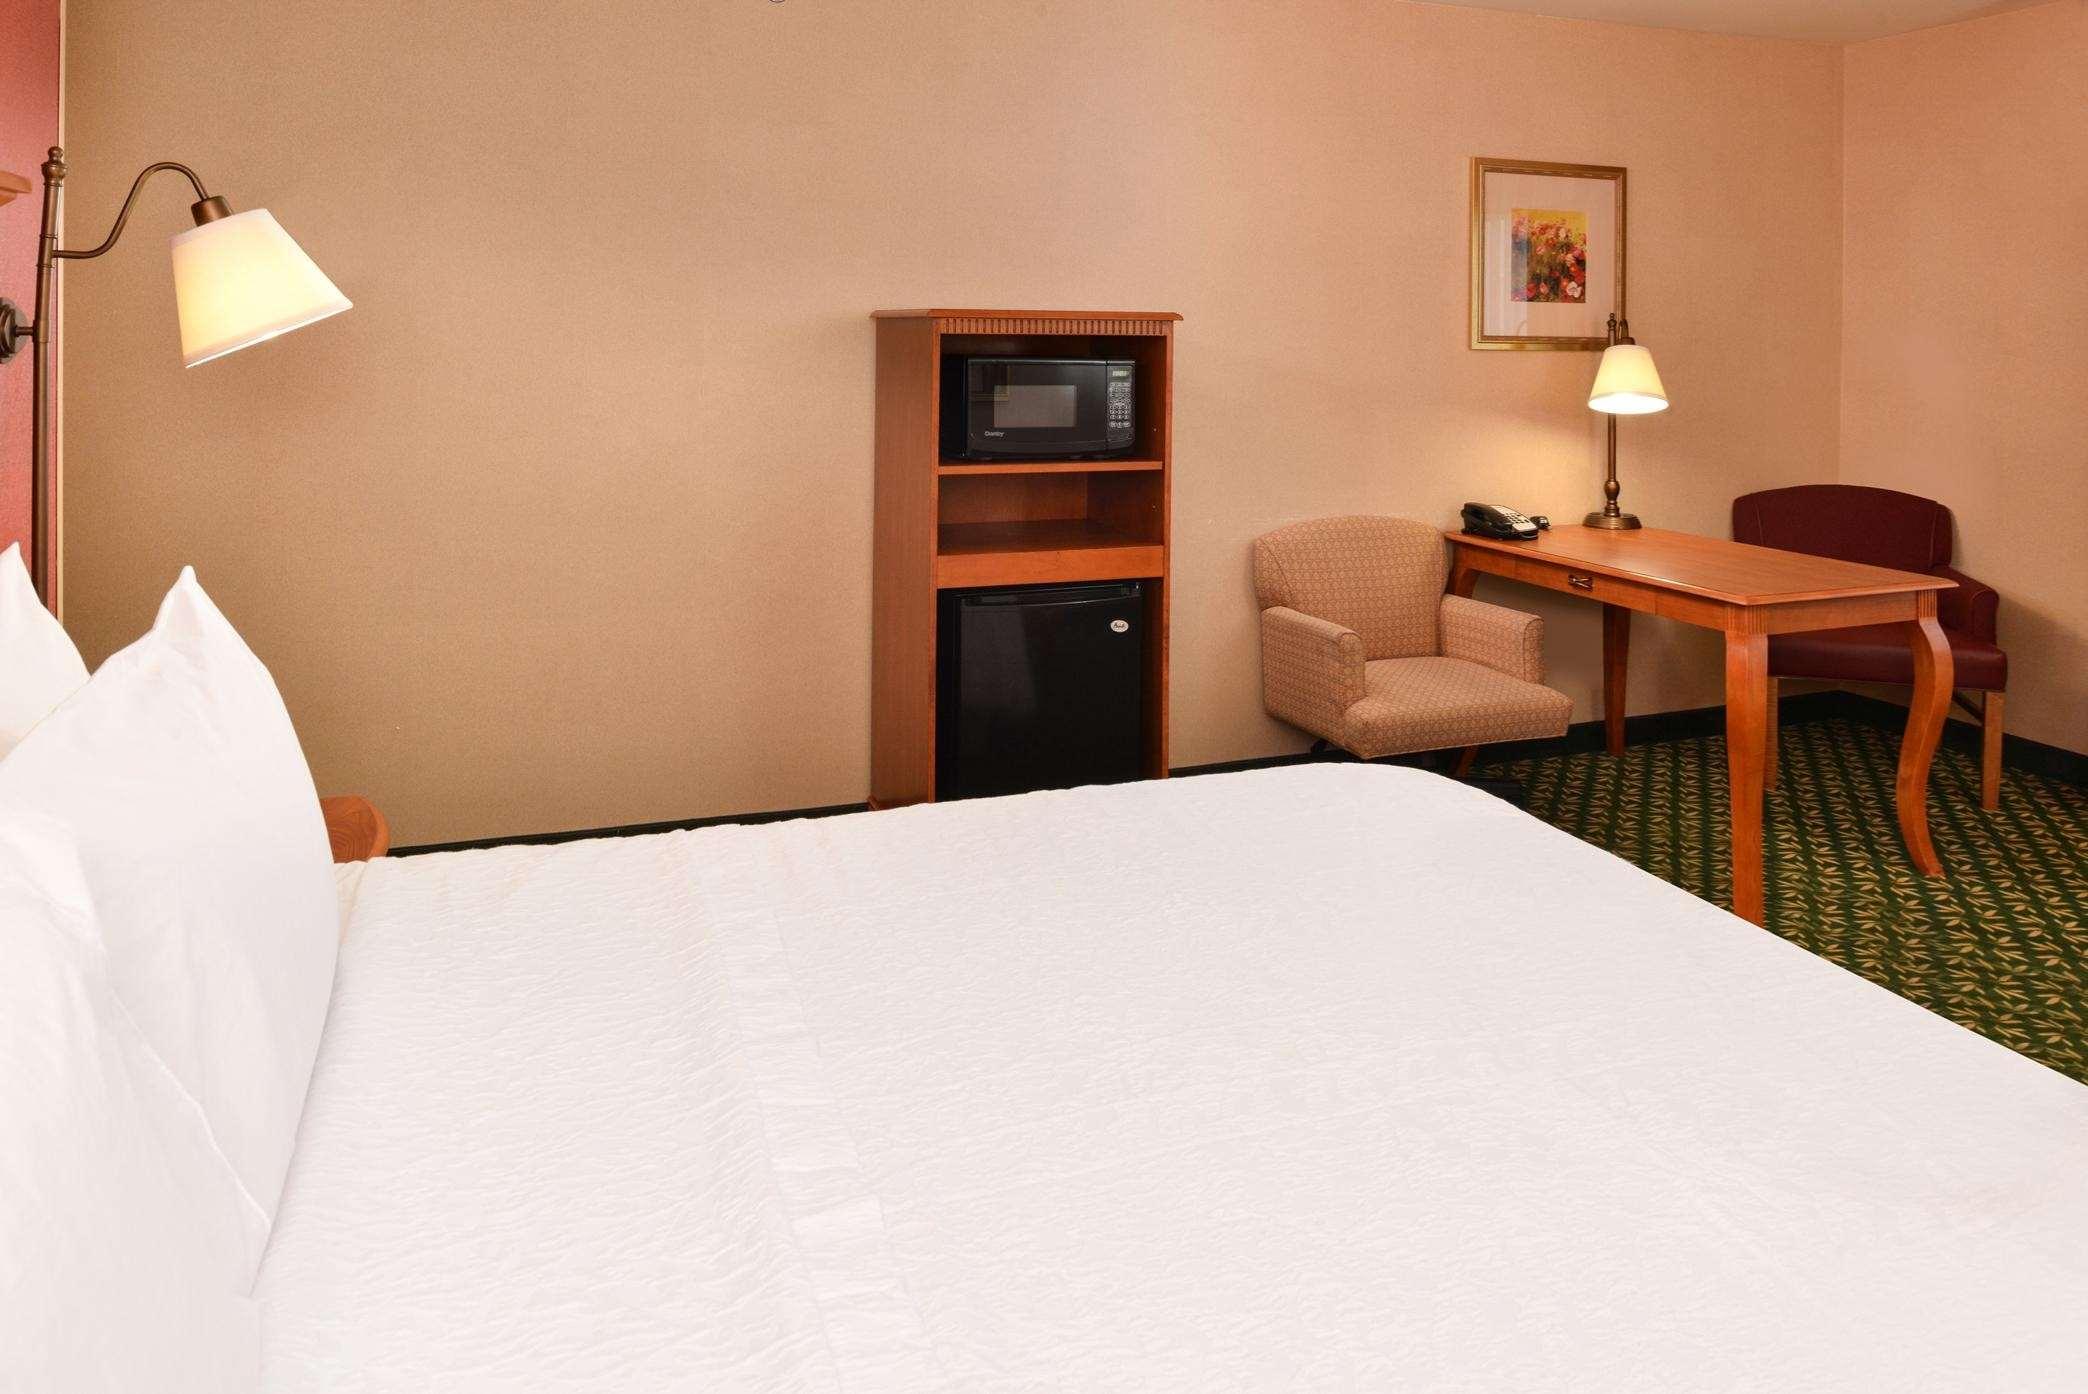 Hampton Inn & Suites Casper image 31